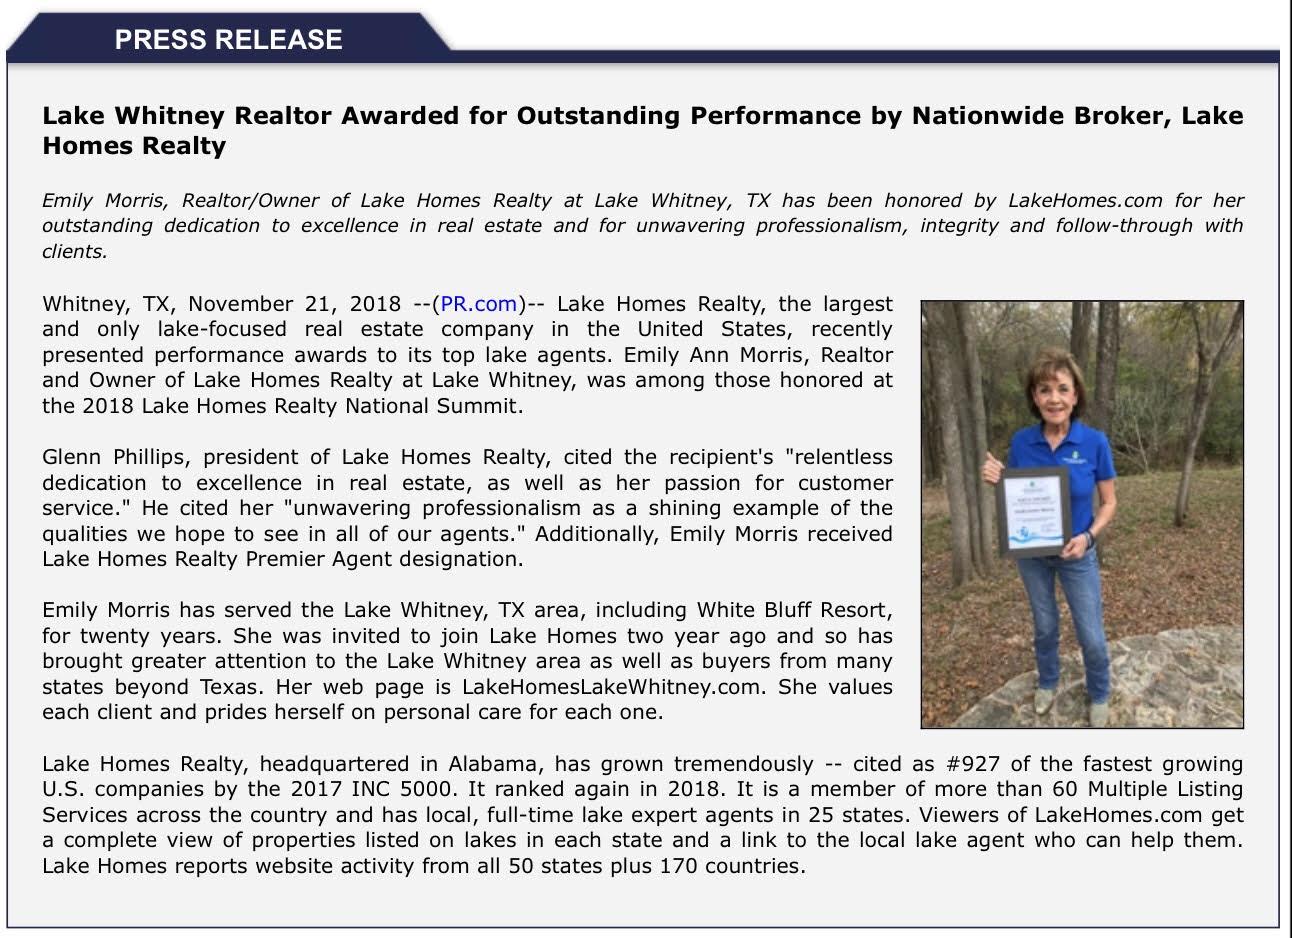 Emily Morris received Lake Homes Aqua Award and Premier Agent designation